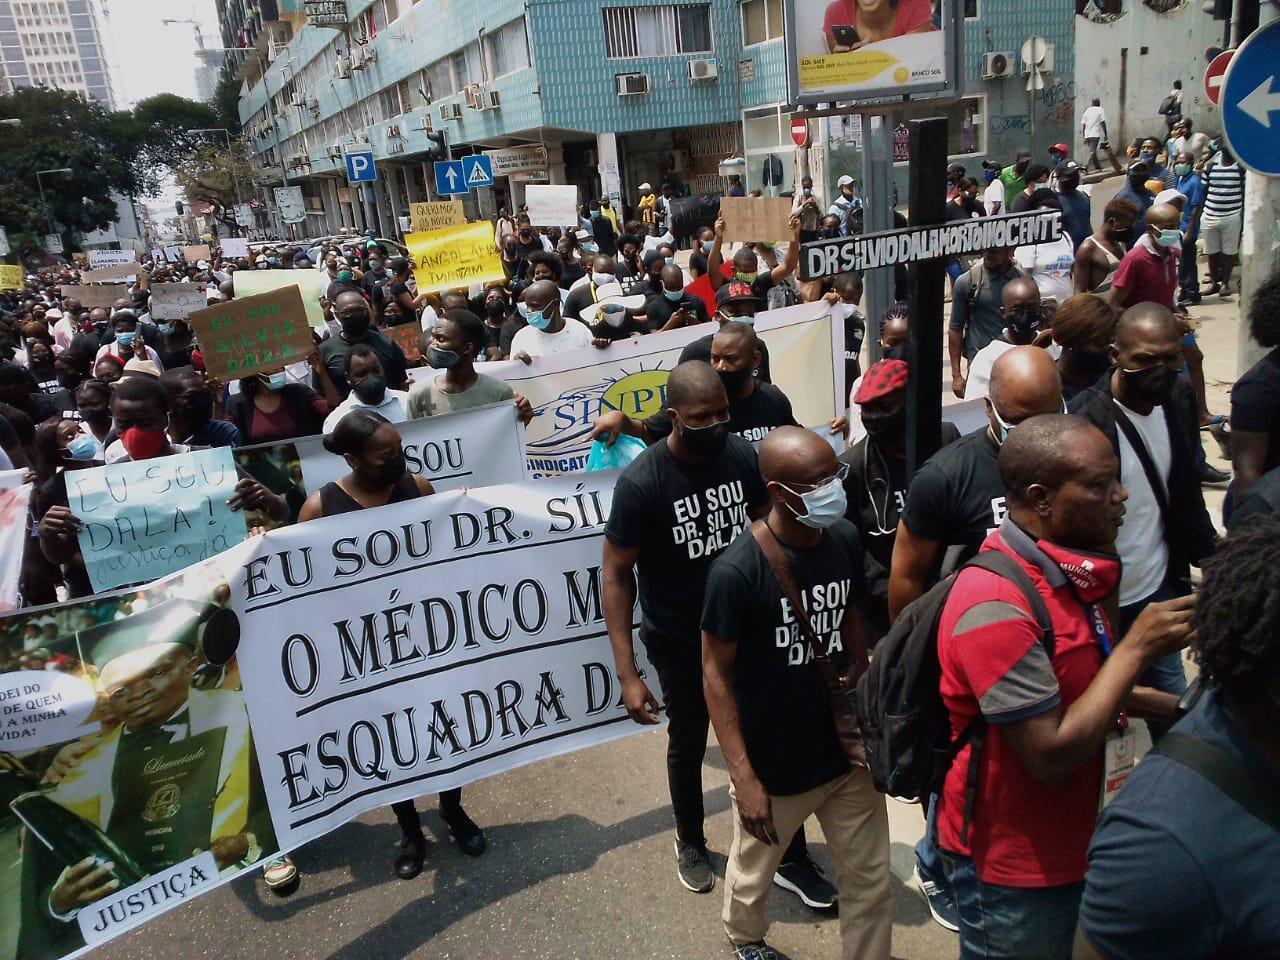 Marcha convocada pelo Sindicato Nacional dos Médicos de Angola.